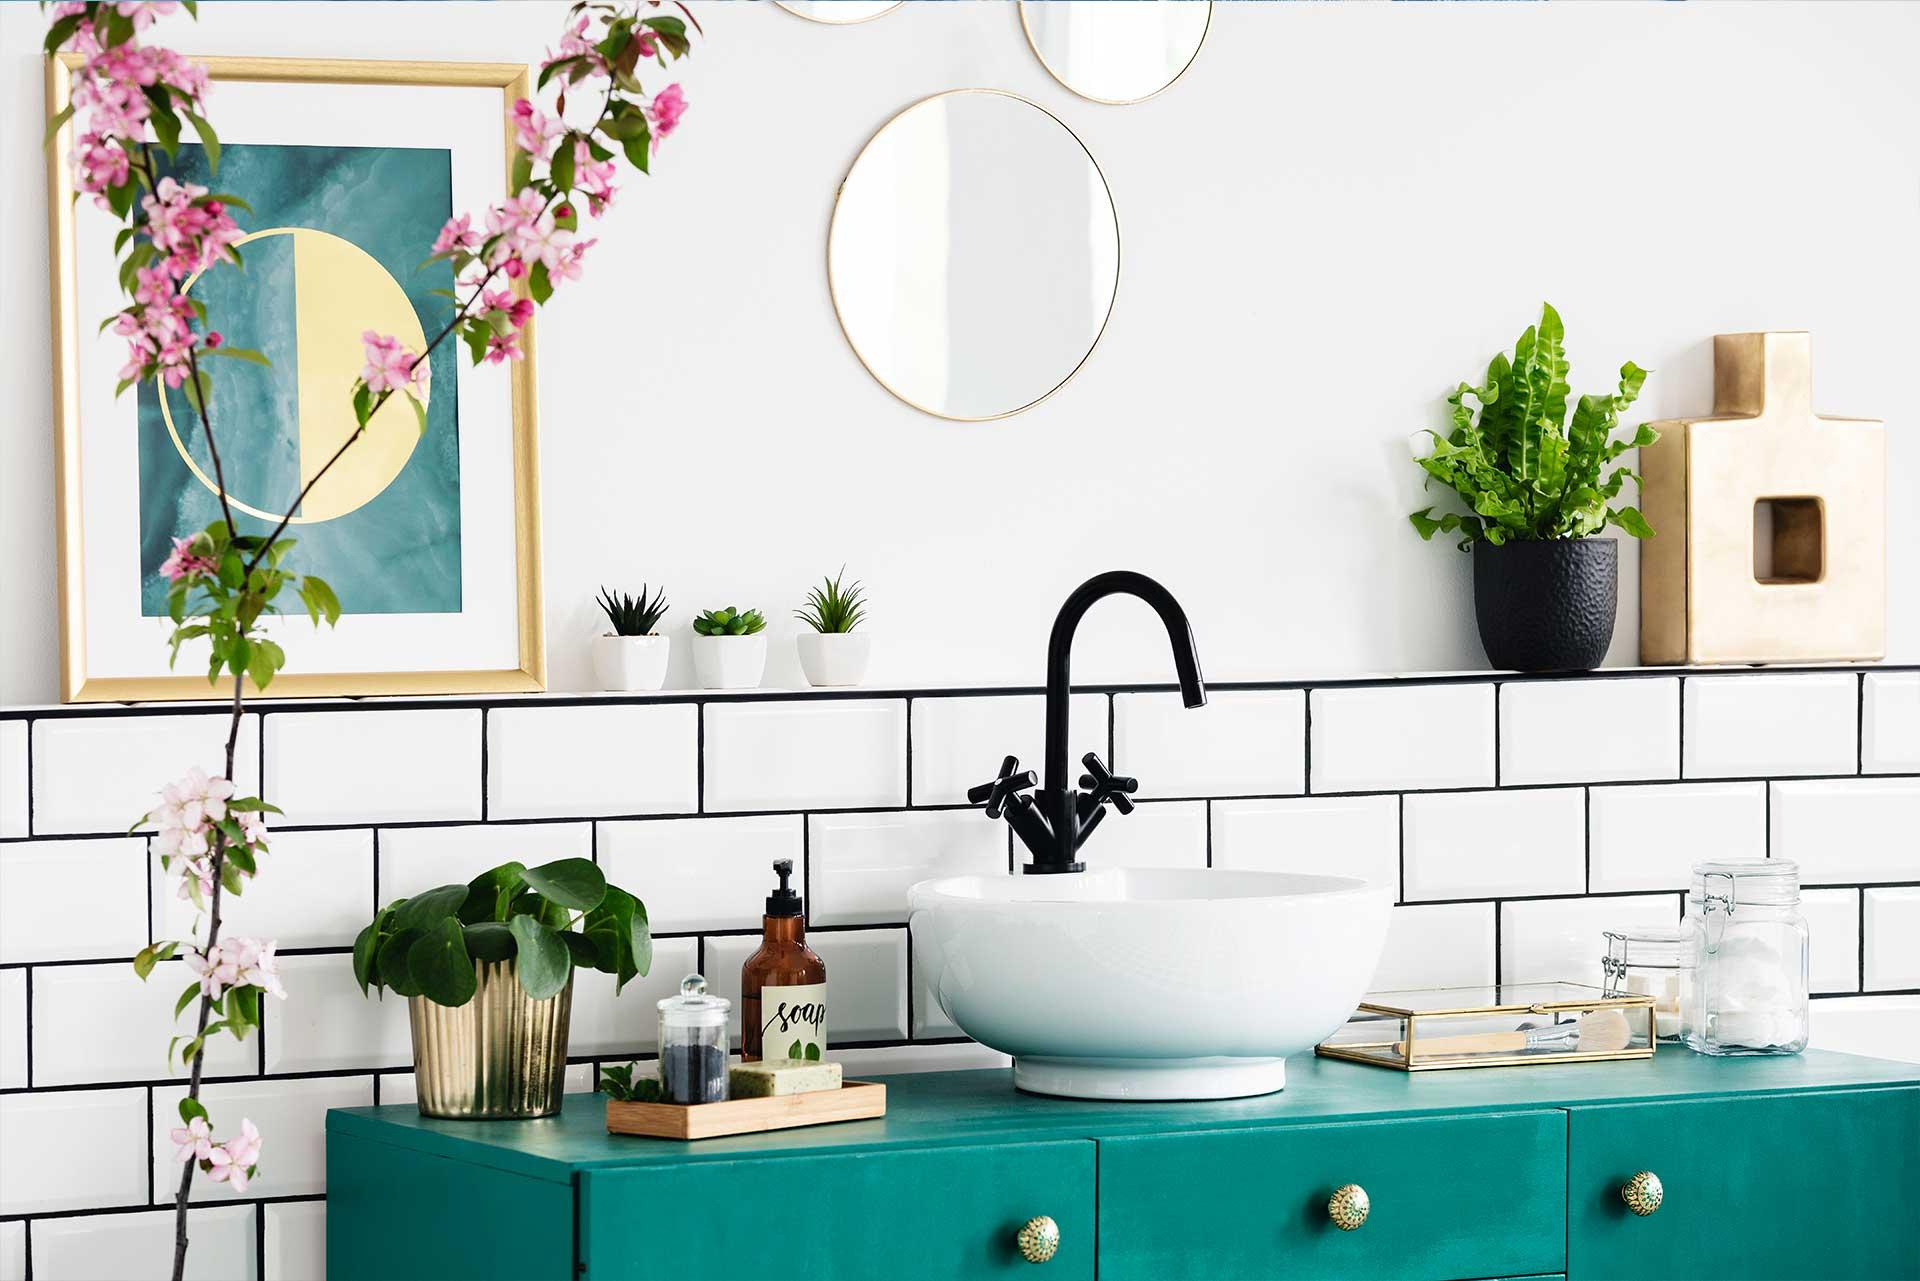 VAGUS HAUSTECHNIK - Badezimmer mit glasierten Fliesen